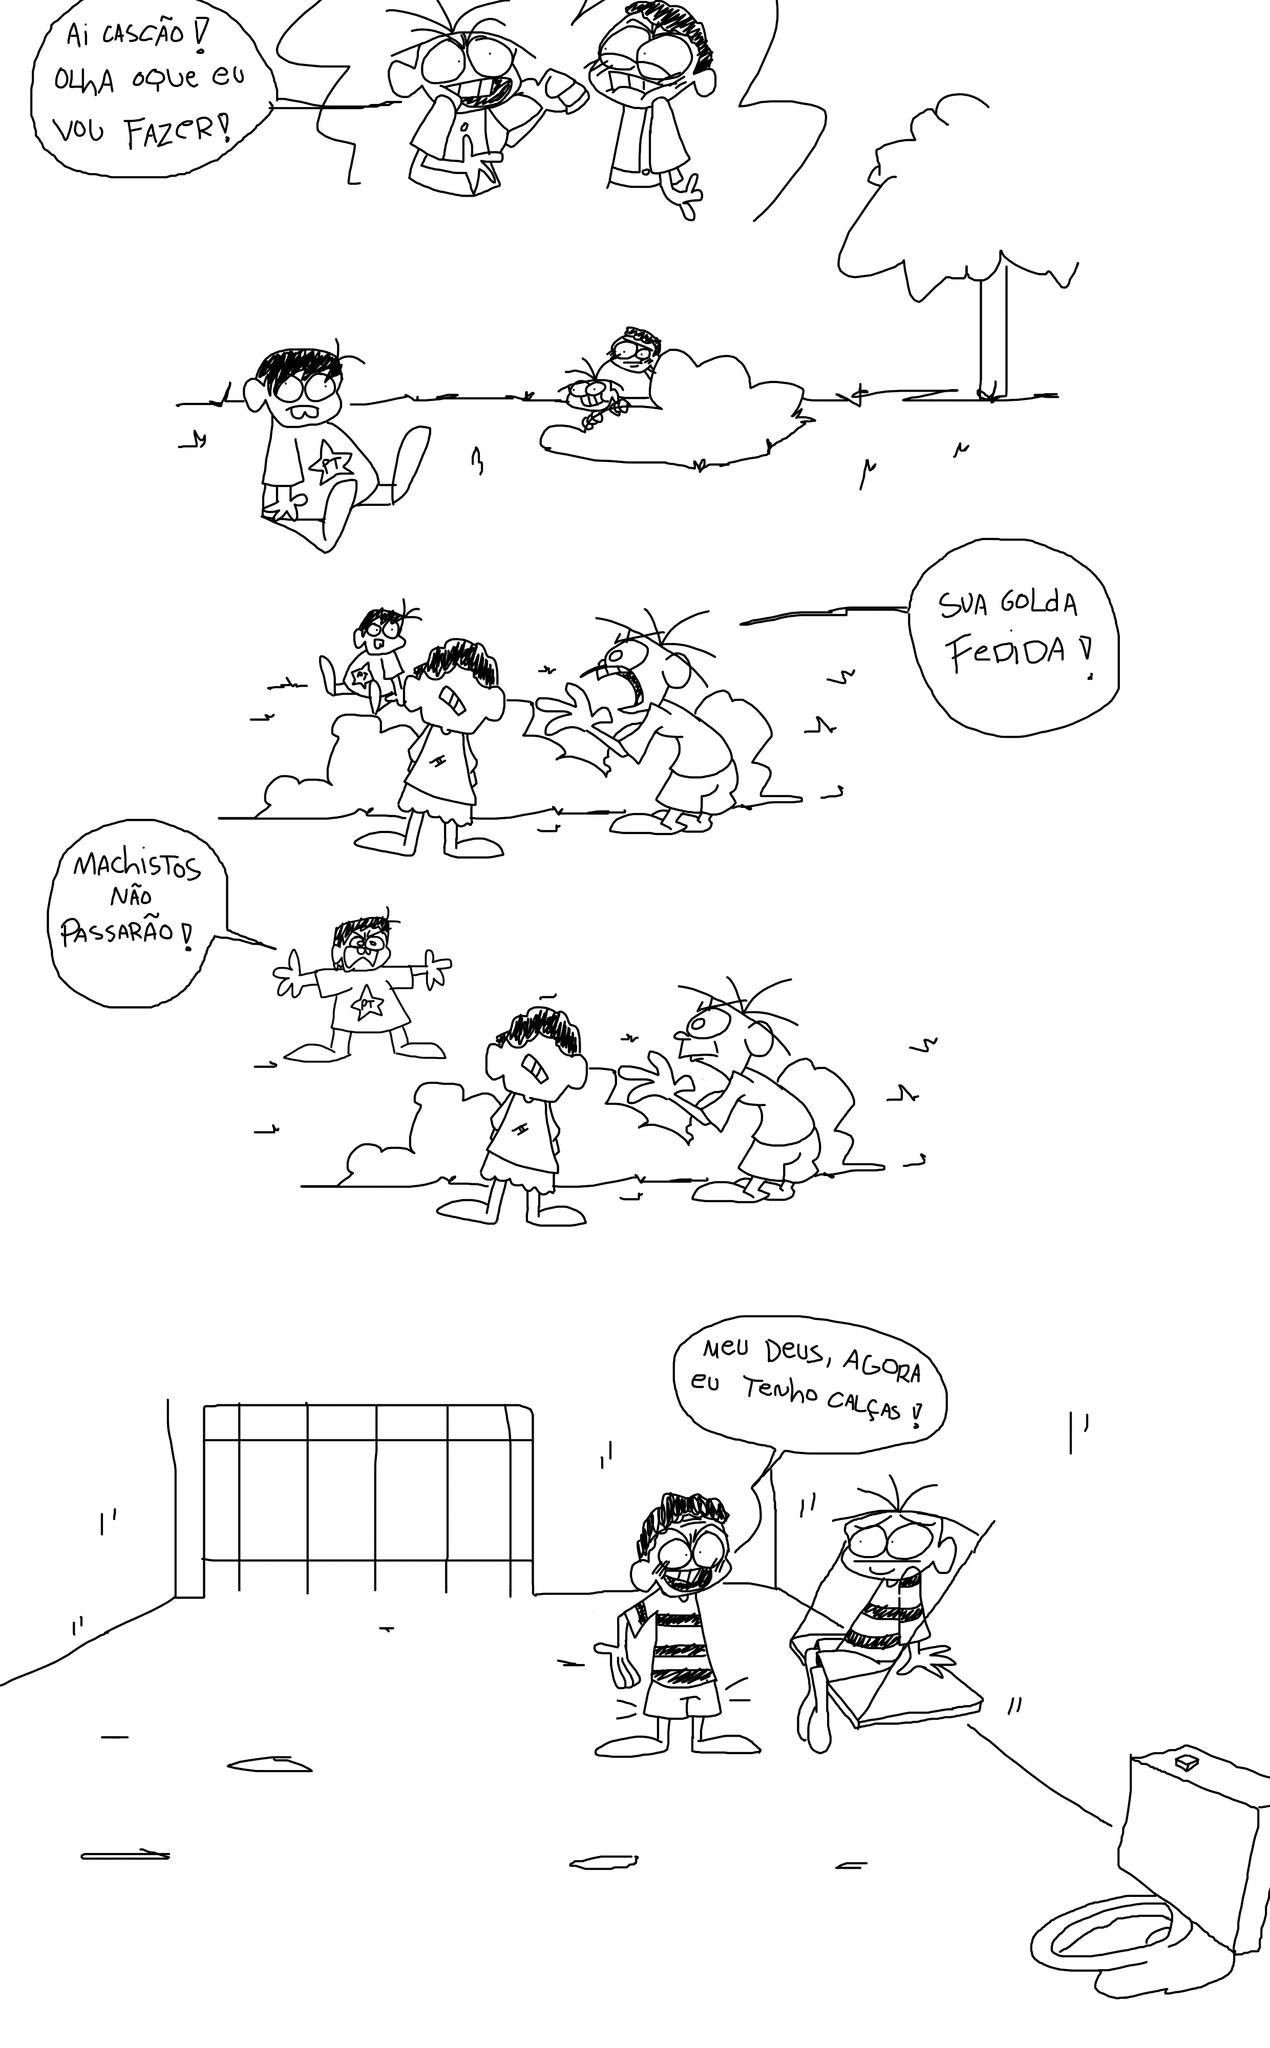 Cebolinha troslaum - meme